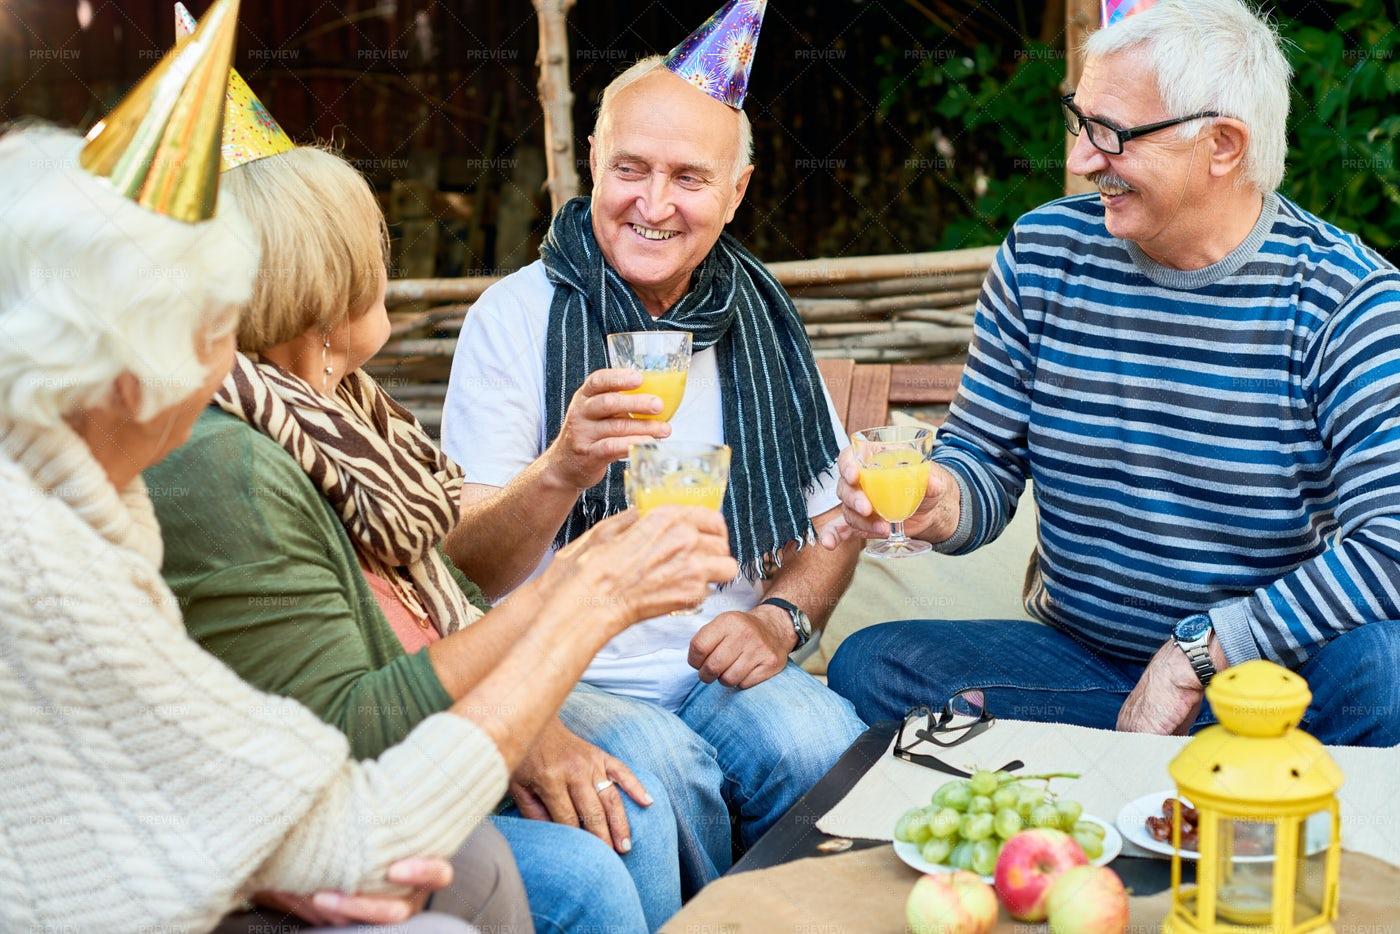 Birthday Party Of Senior Man: Stock Photos